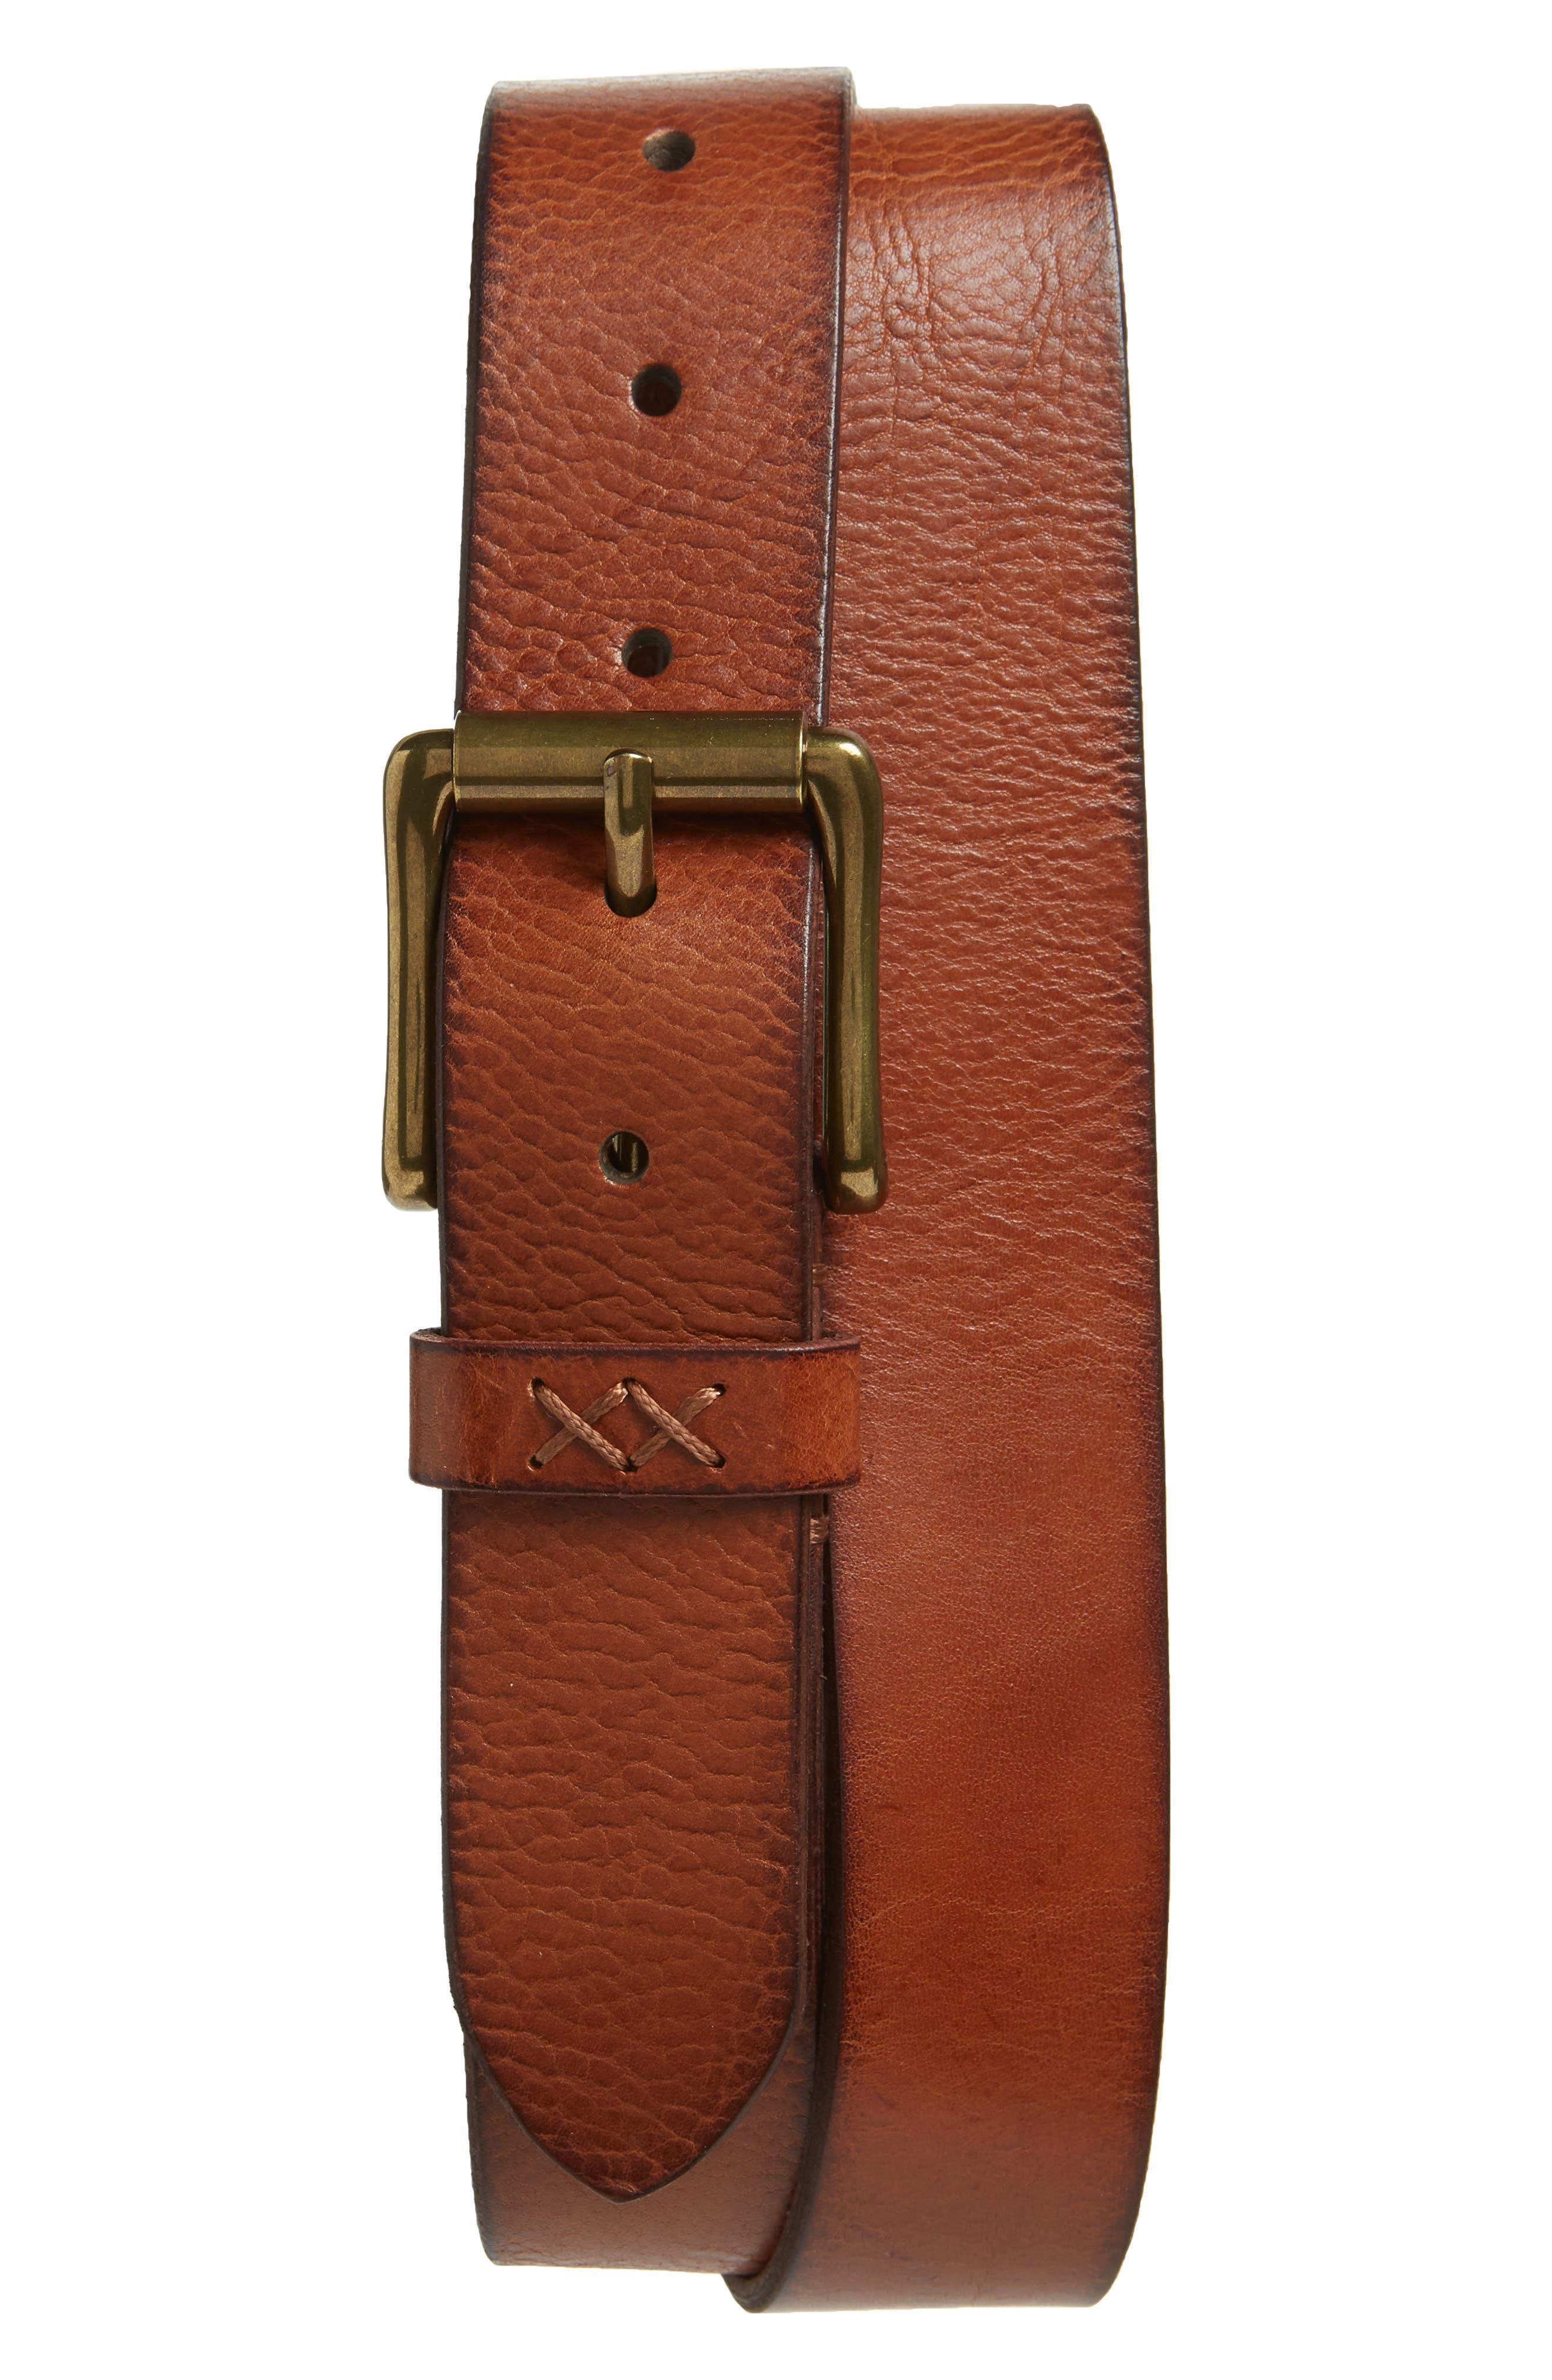 FRYE, Flat Panel Leather Belt, Main thumbnail 1, color, COGNAC